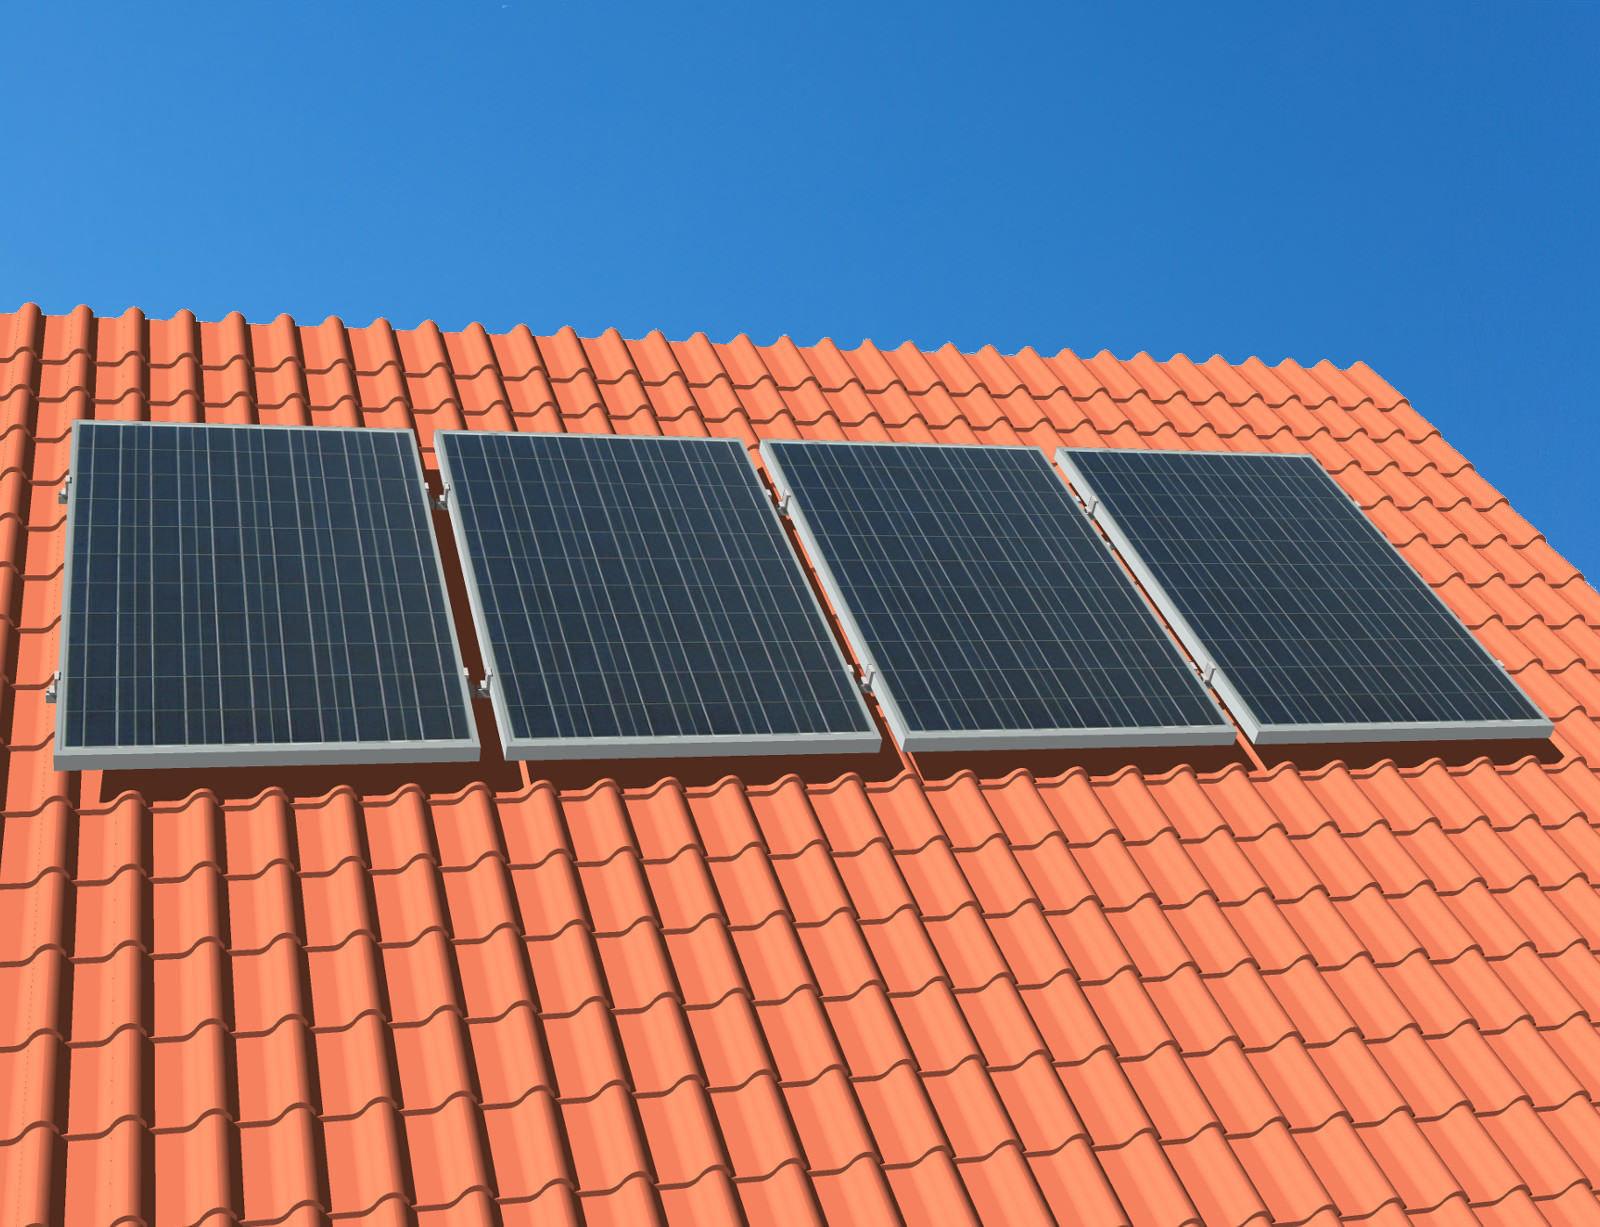 myCleantechSolarPower™ Solaranalage Schrägdach mit 4 Pannels - Musterbild